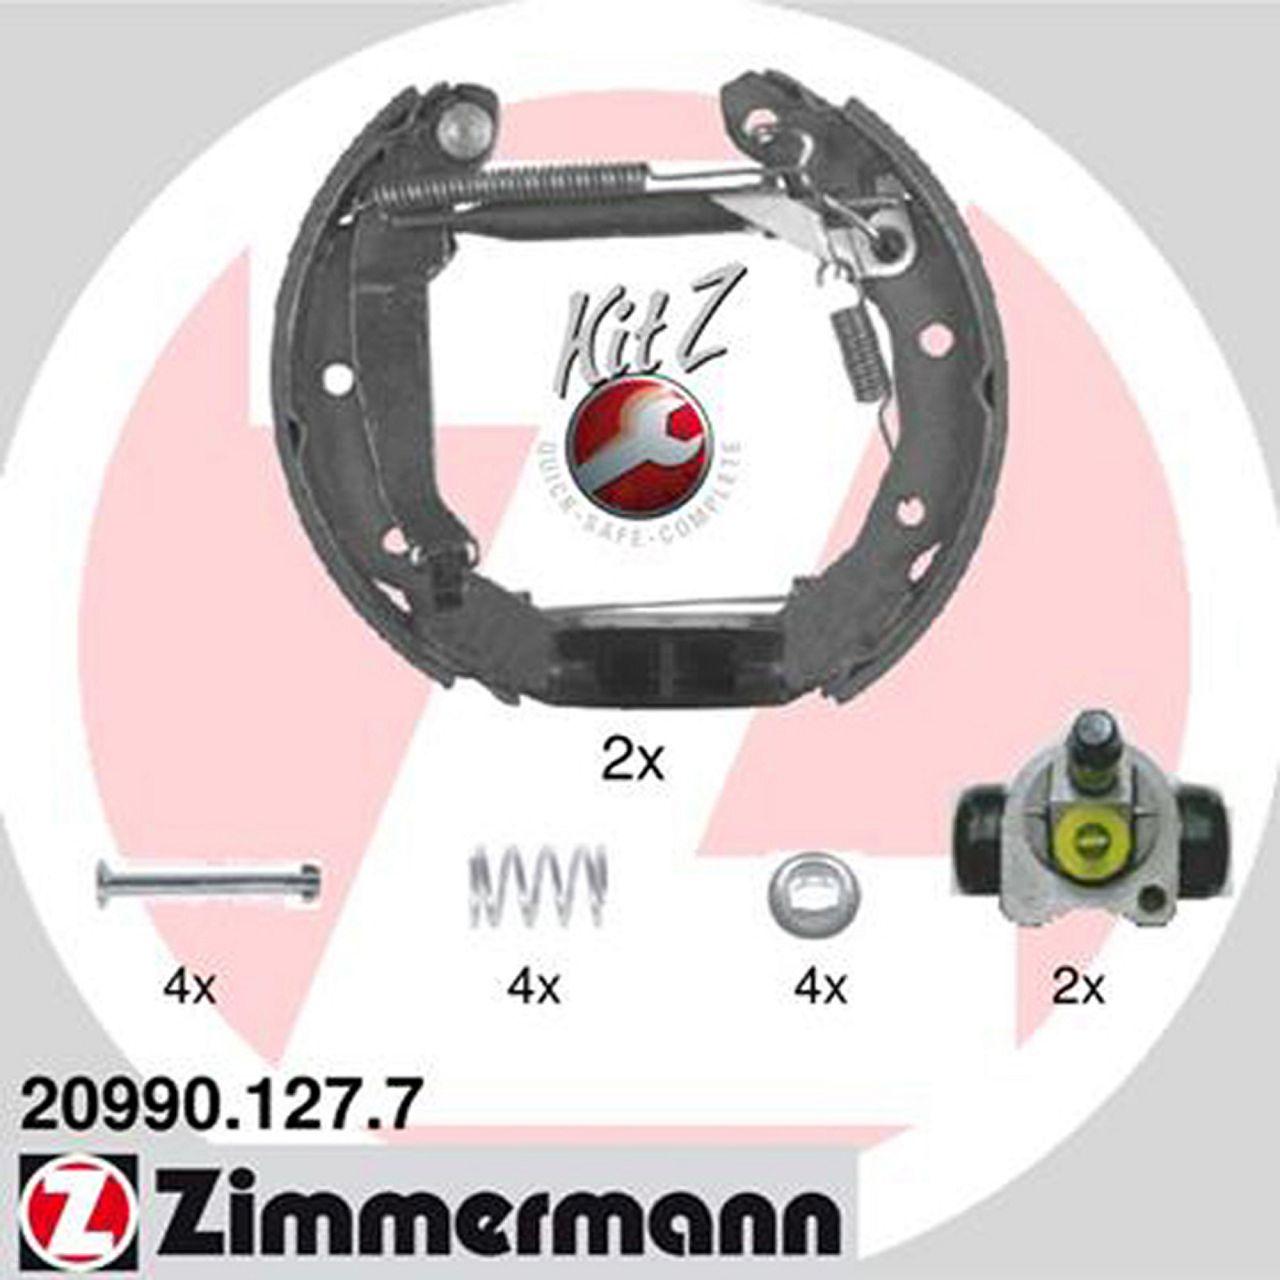 ZIMMERMANN Bremsbacken + Radbremszylinder Satz für Chevrolet Daewoo Matiz Spark